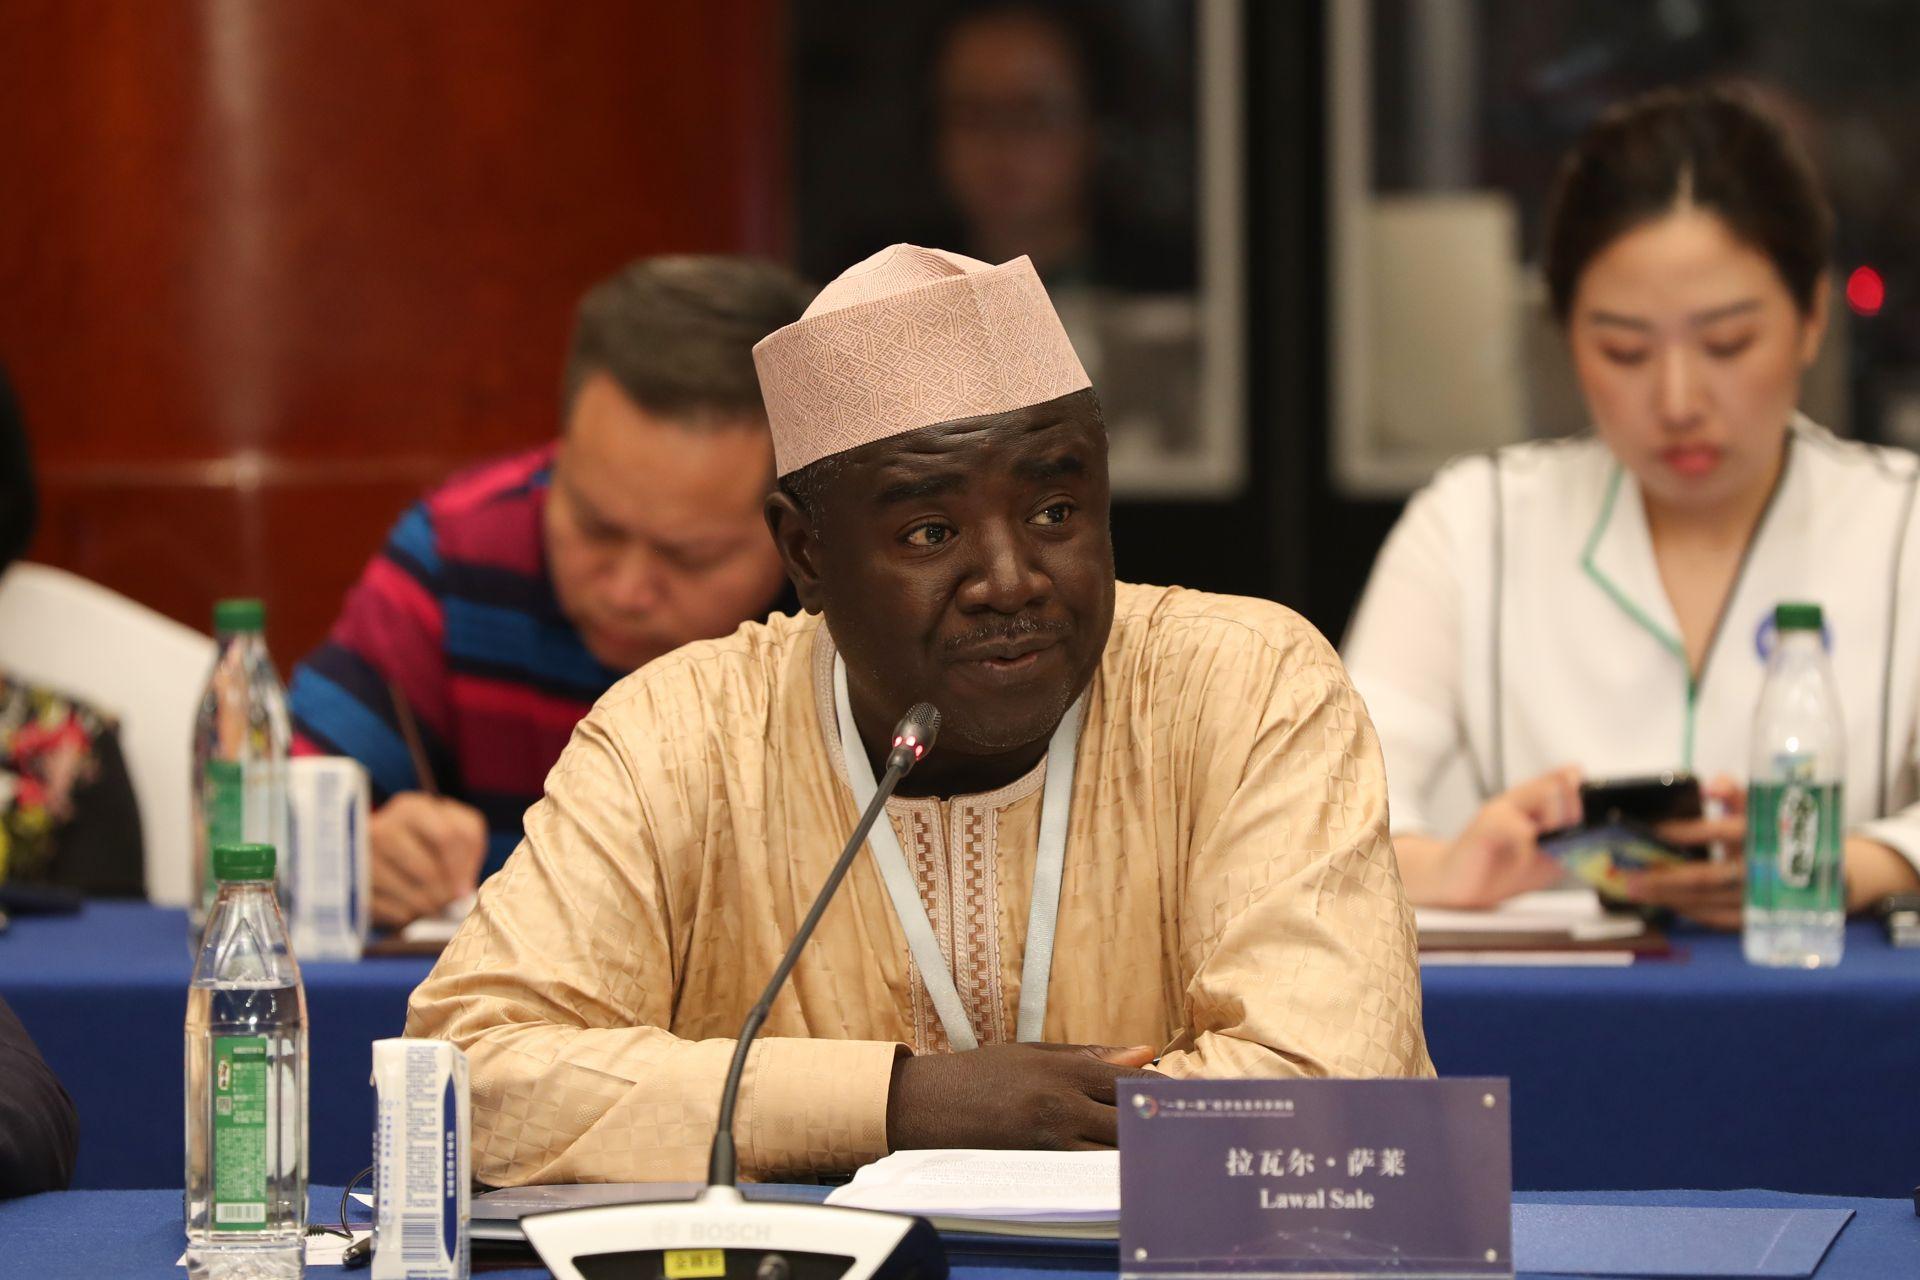 拉瓦尔•萨莱   尼日利亚通讯社公共关系部主管